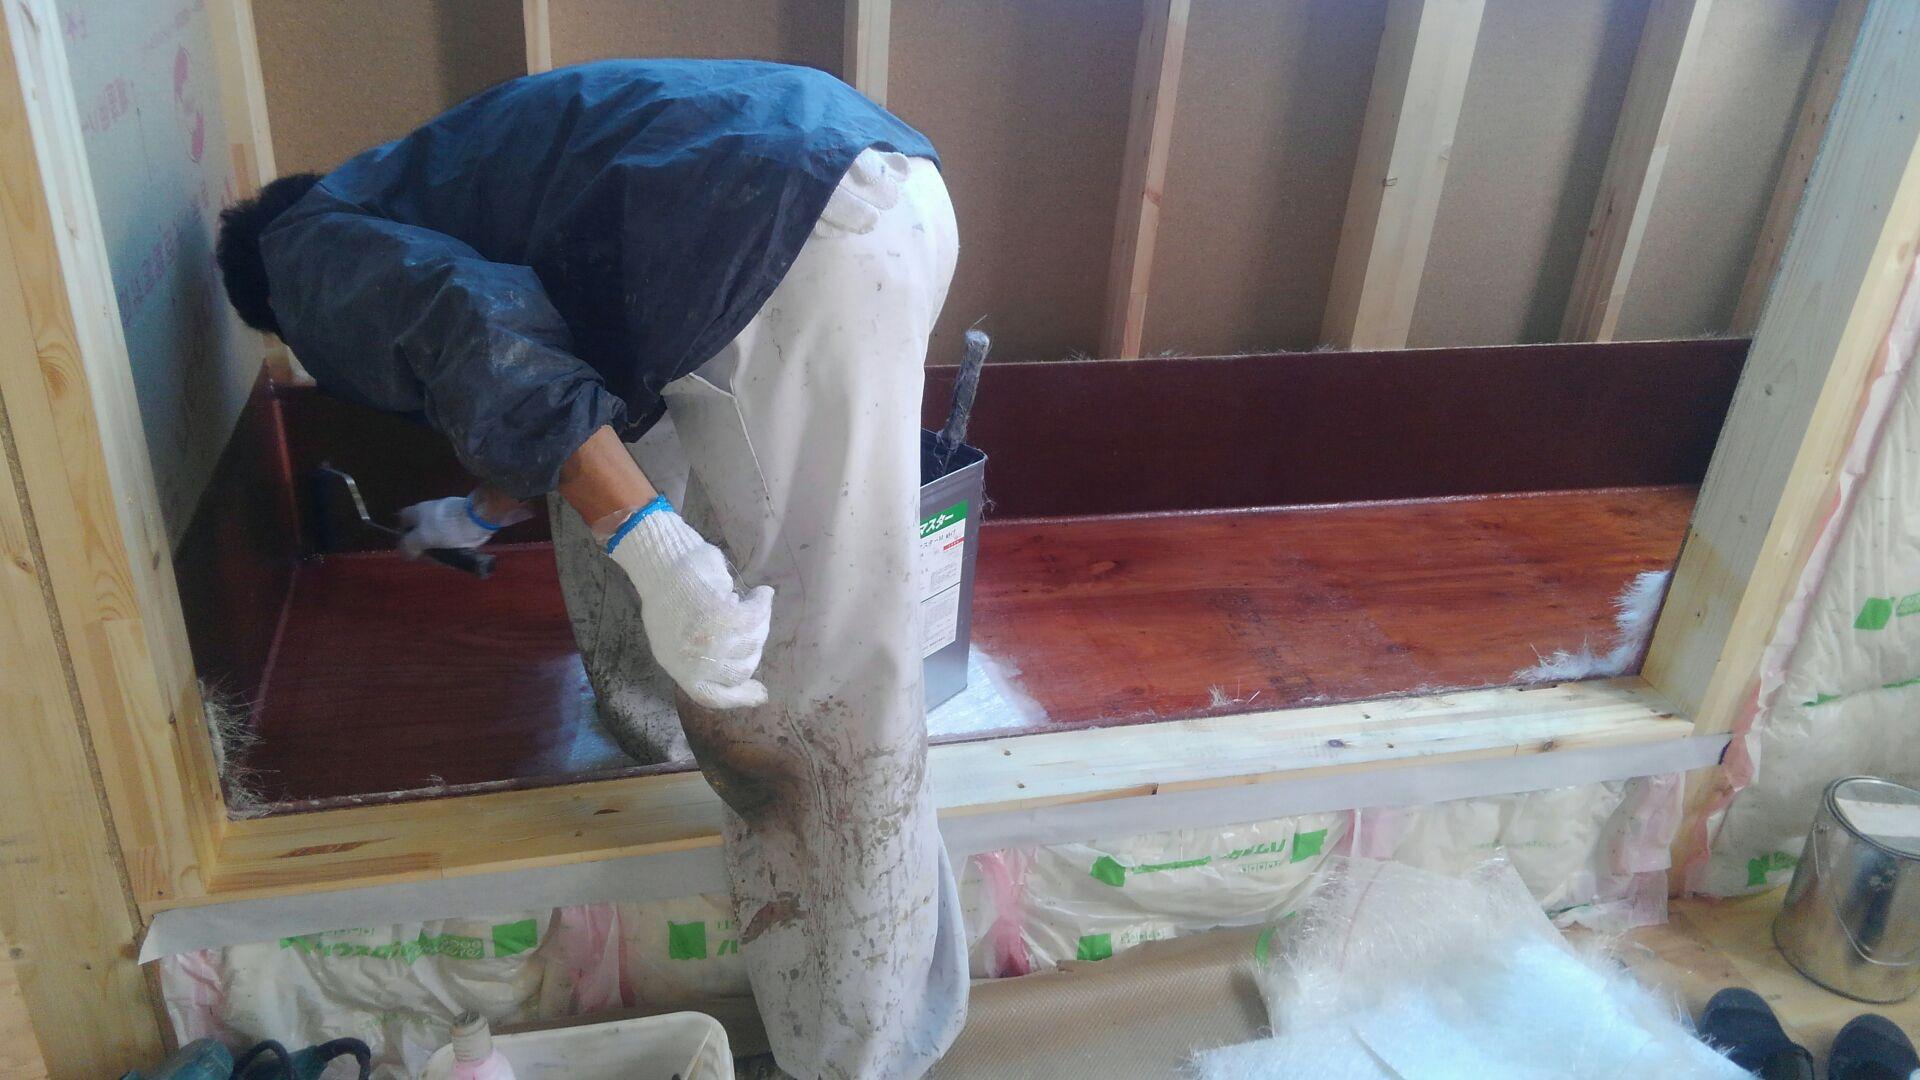 ベランダ防水はFRP防水です。 FRP防水とは、ガラス繊維をFRP(繊維強化プラスチック)の樹脂で塗りこんだ防水のこと。 ツープライ(2層)での施工です。